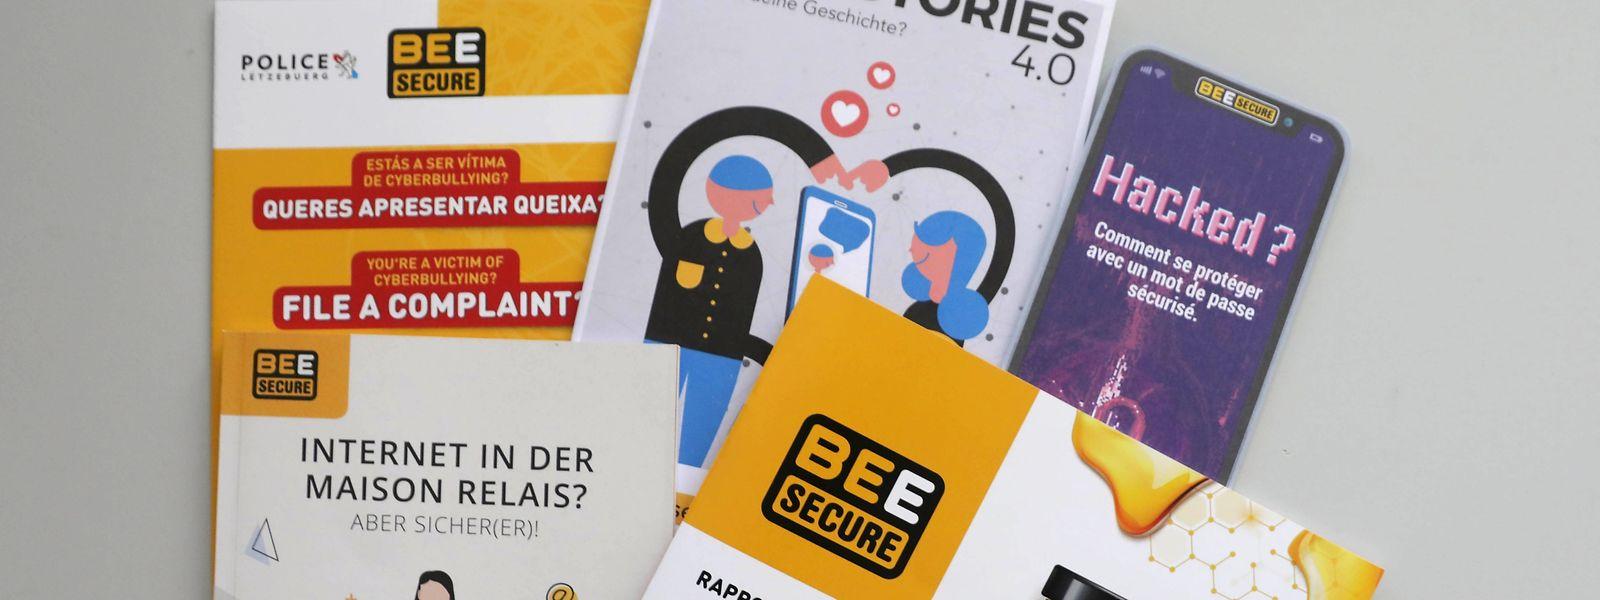 Zum Anfang des Jahres wurden viele neue Broschüren von Bee Secure, in Zusammenarbeit mit unterschiedlichen Partnern, vorgestellt, die den sicheren Umgang mit dem Internet lehren sollen.